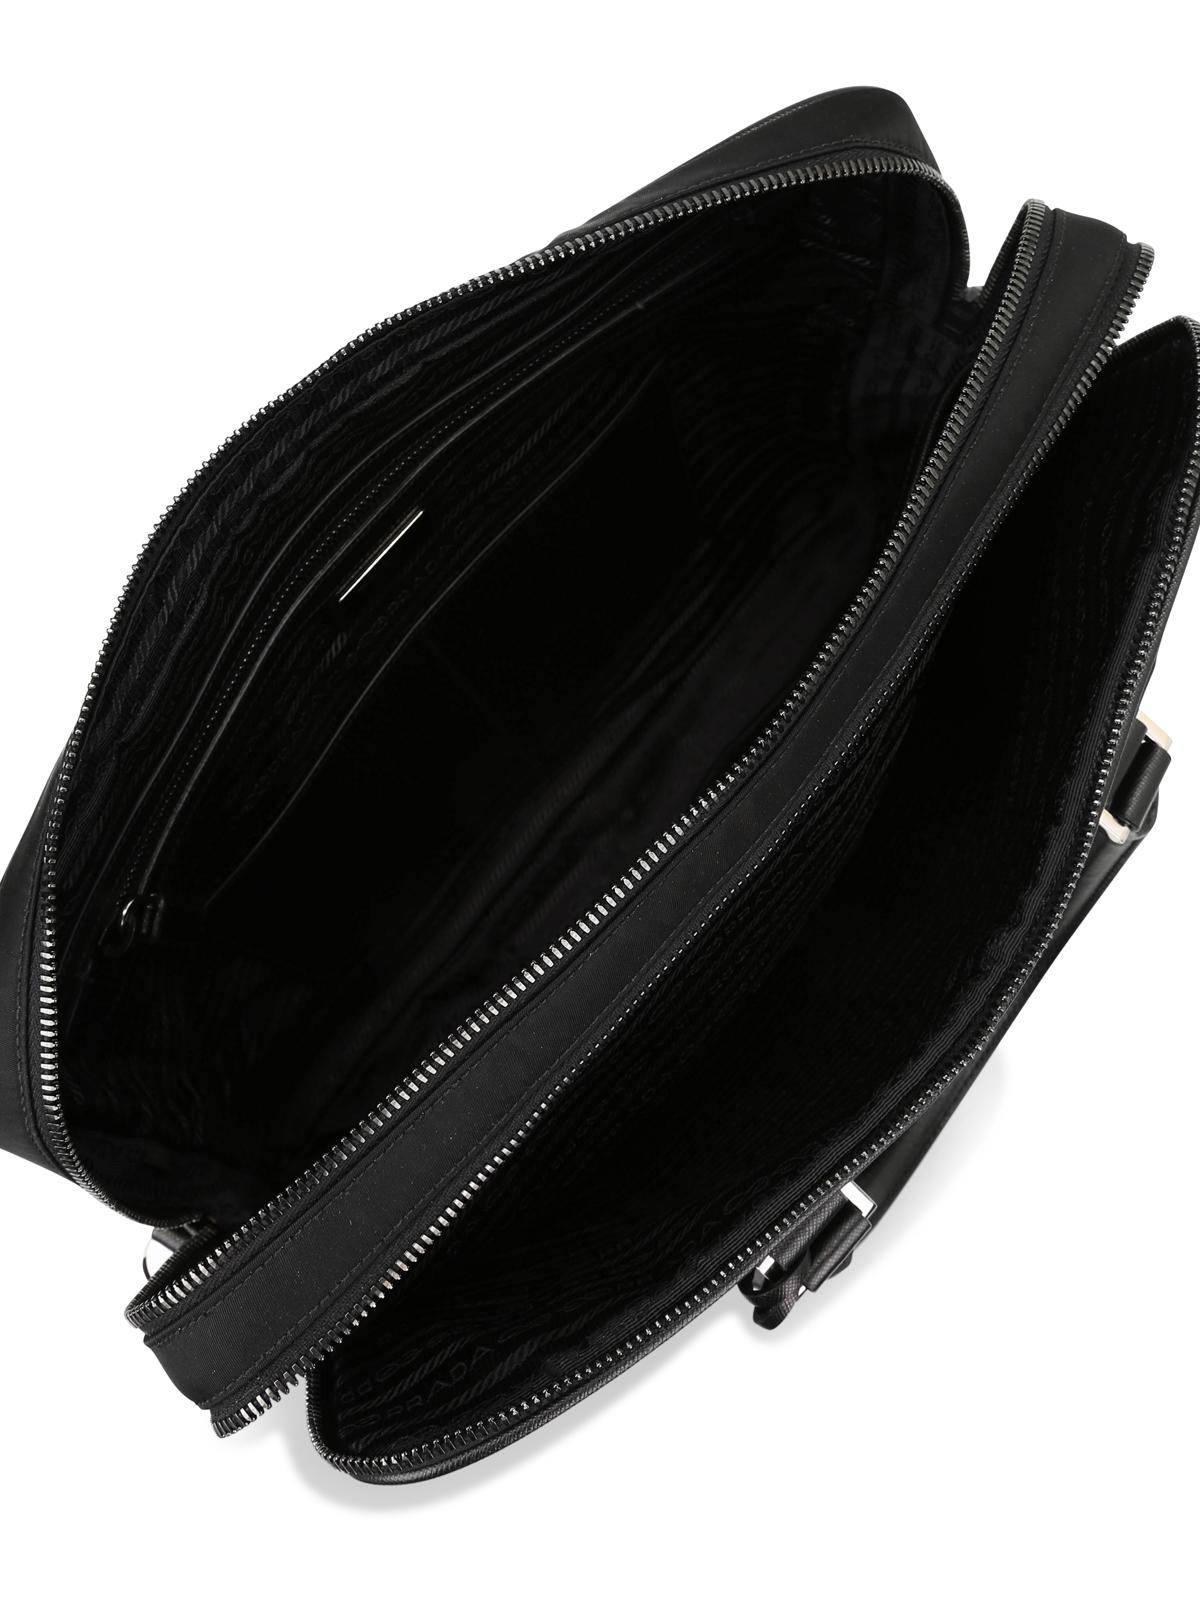 7a726004e1caba Prada - Double zip nylon briefcase - laptop bags & briefcases ...